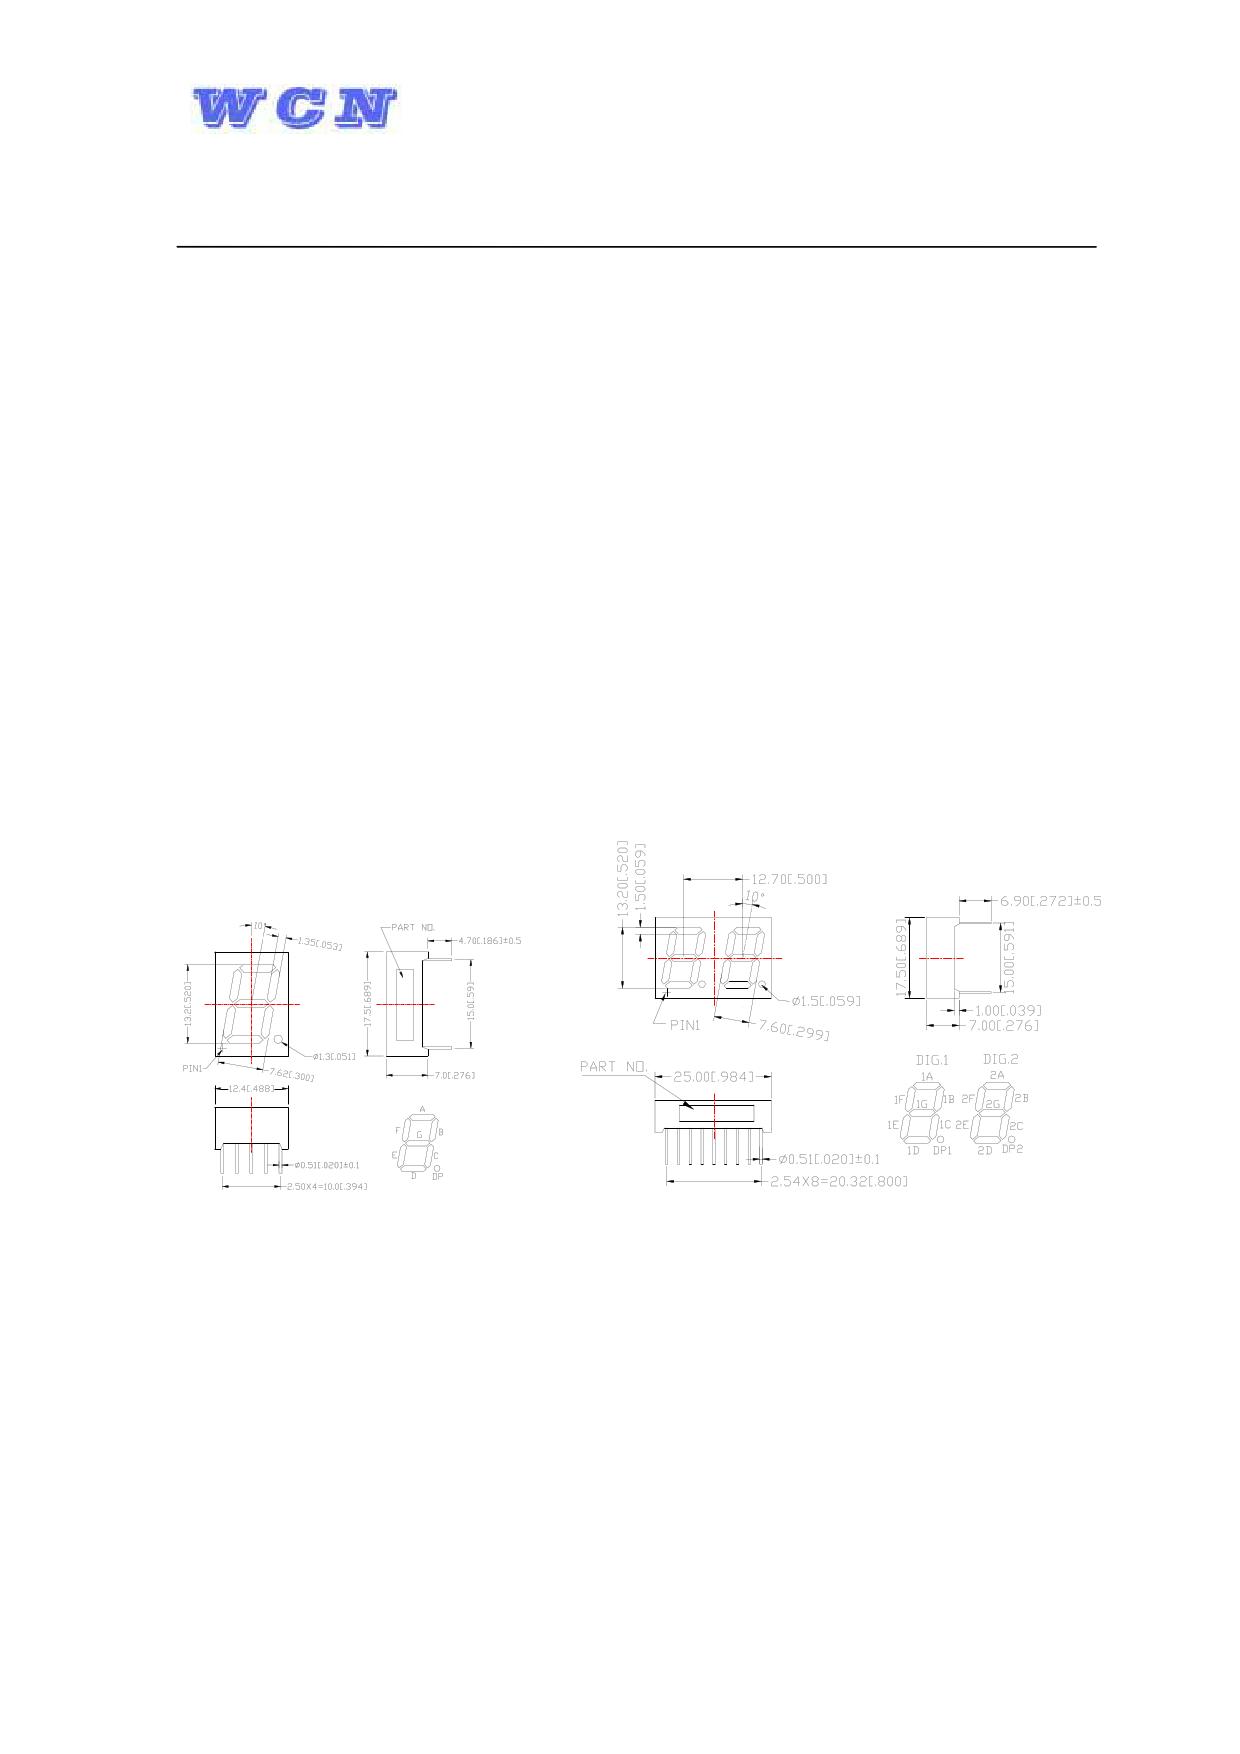 WCN4-0052GU-A11 datasheet